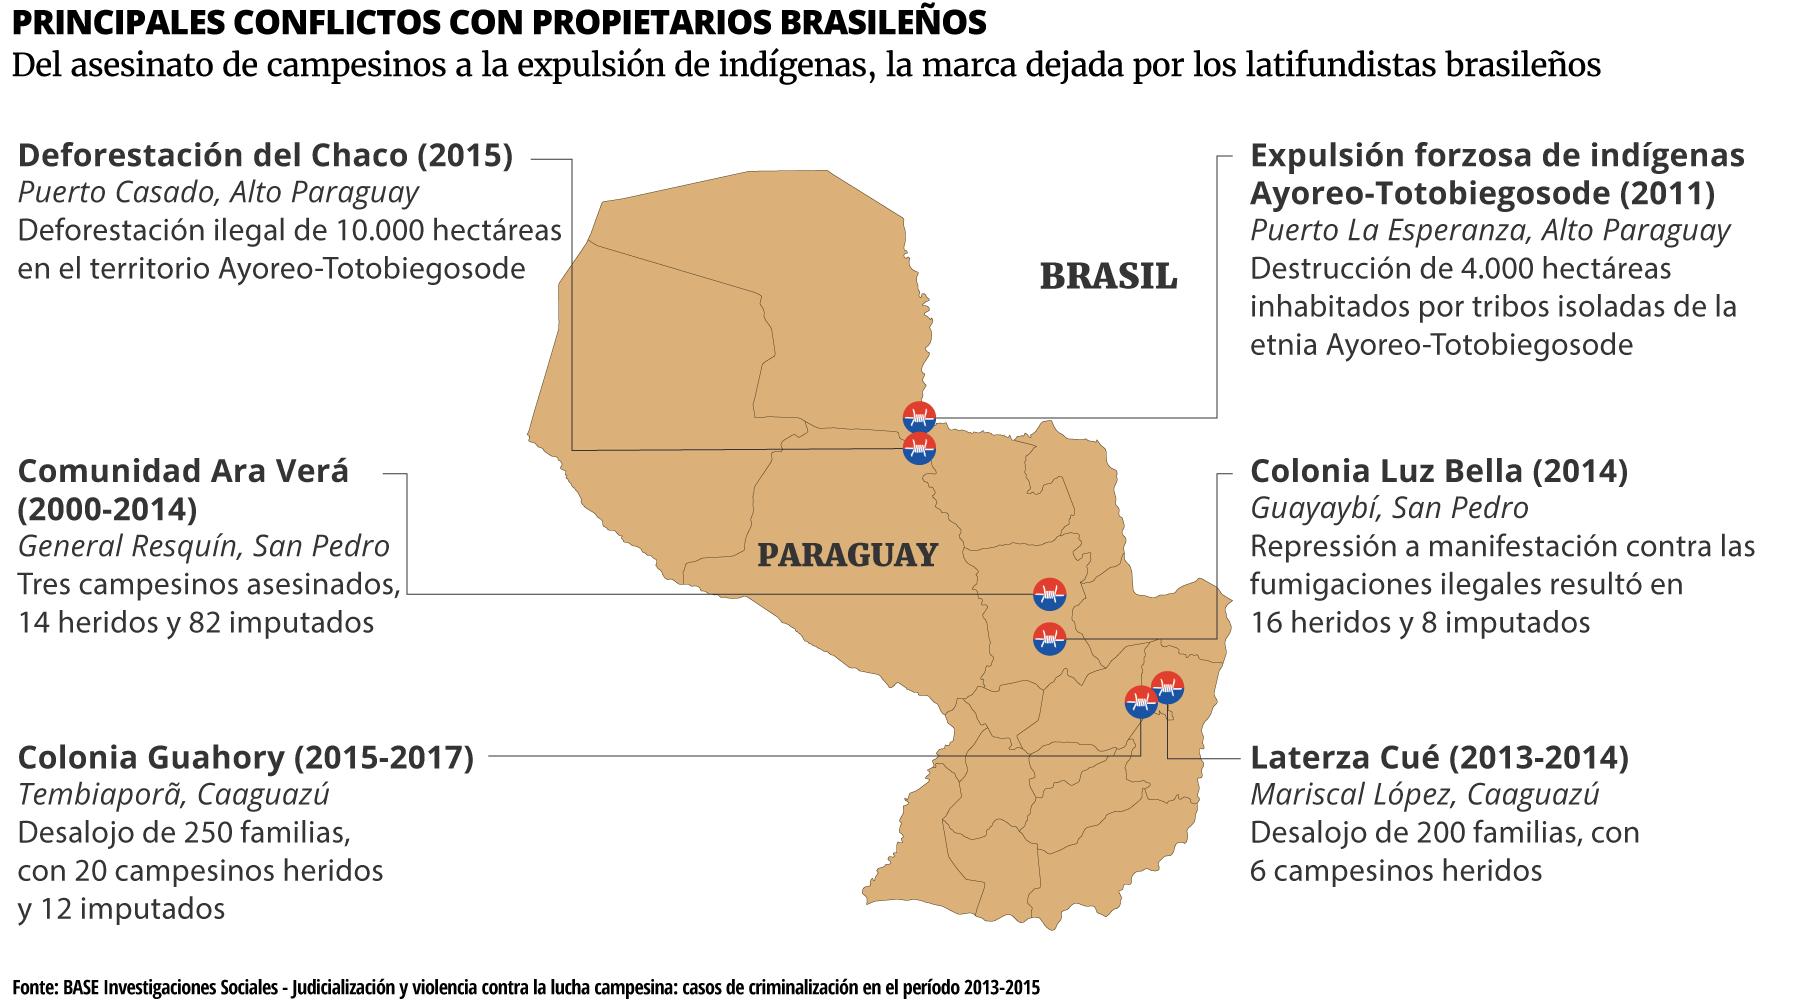 Conflictos con brasileños en el Paraguay